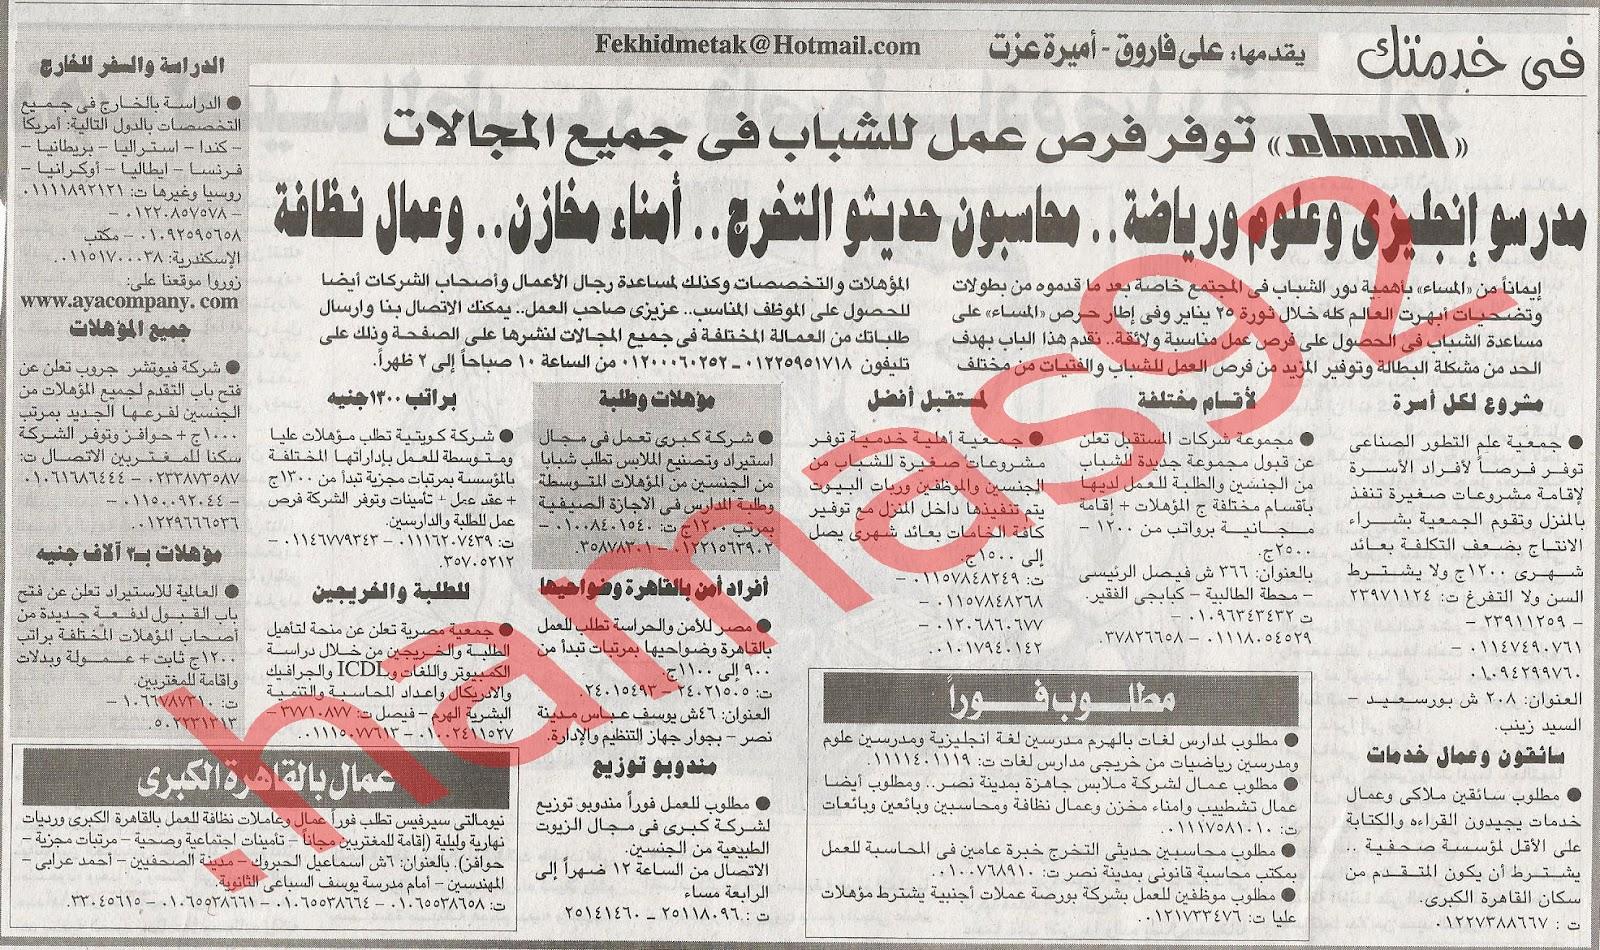 وظائف خالية من جريدة المساء الخميس 19/7/2012 %D8%A7%D9%84%D9%85%D8%B3%D8%A7%D8%A1